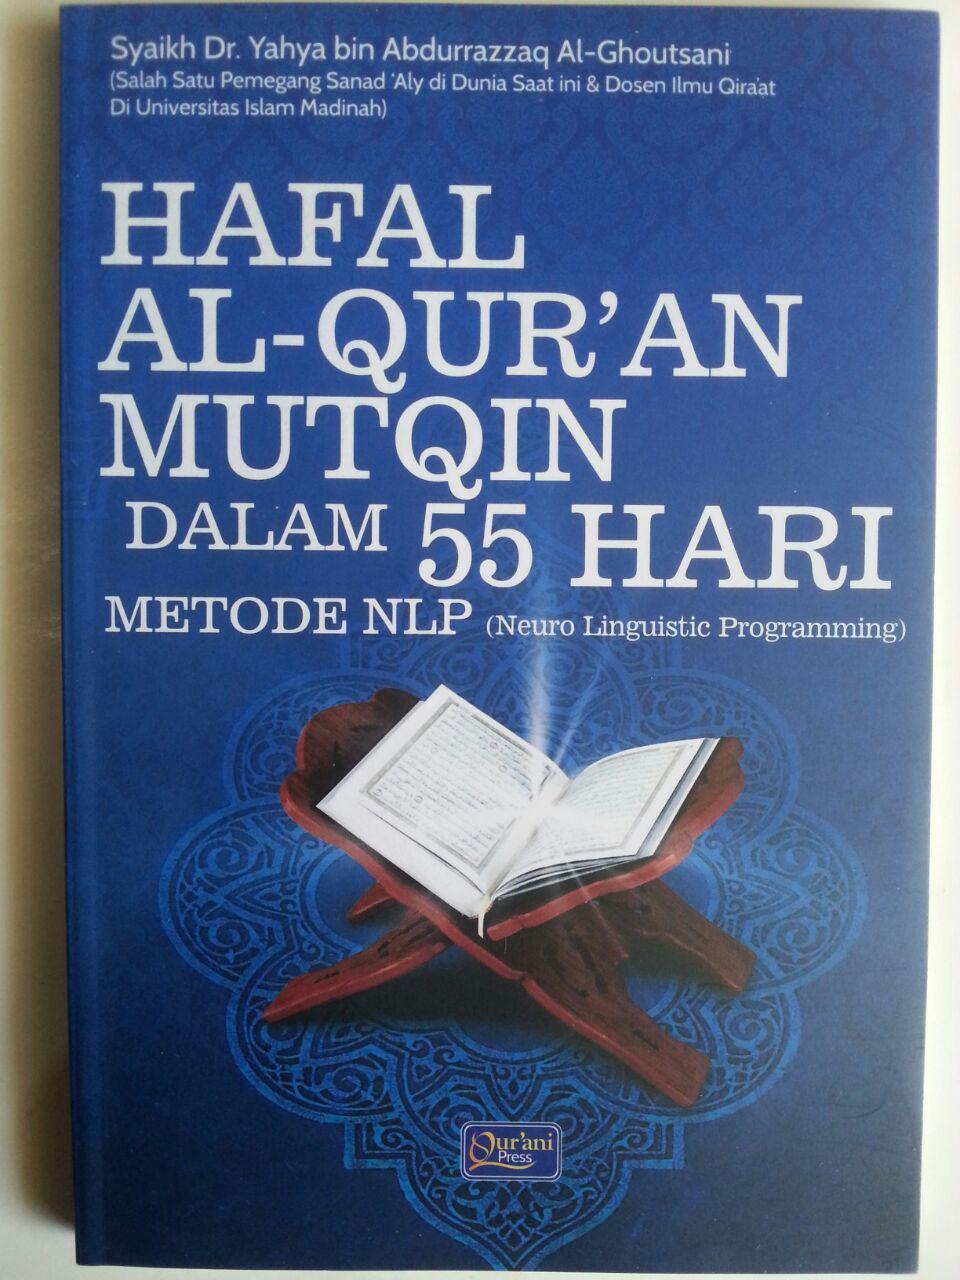 Buku Hafal Al-Qur'an Mutqin Dalam 55 Hari Metode LNP cover 2